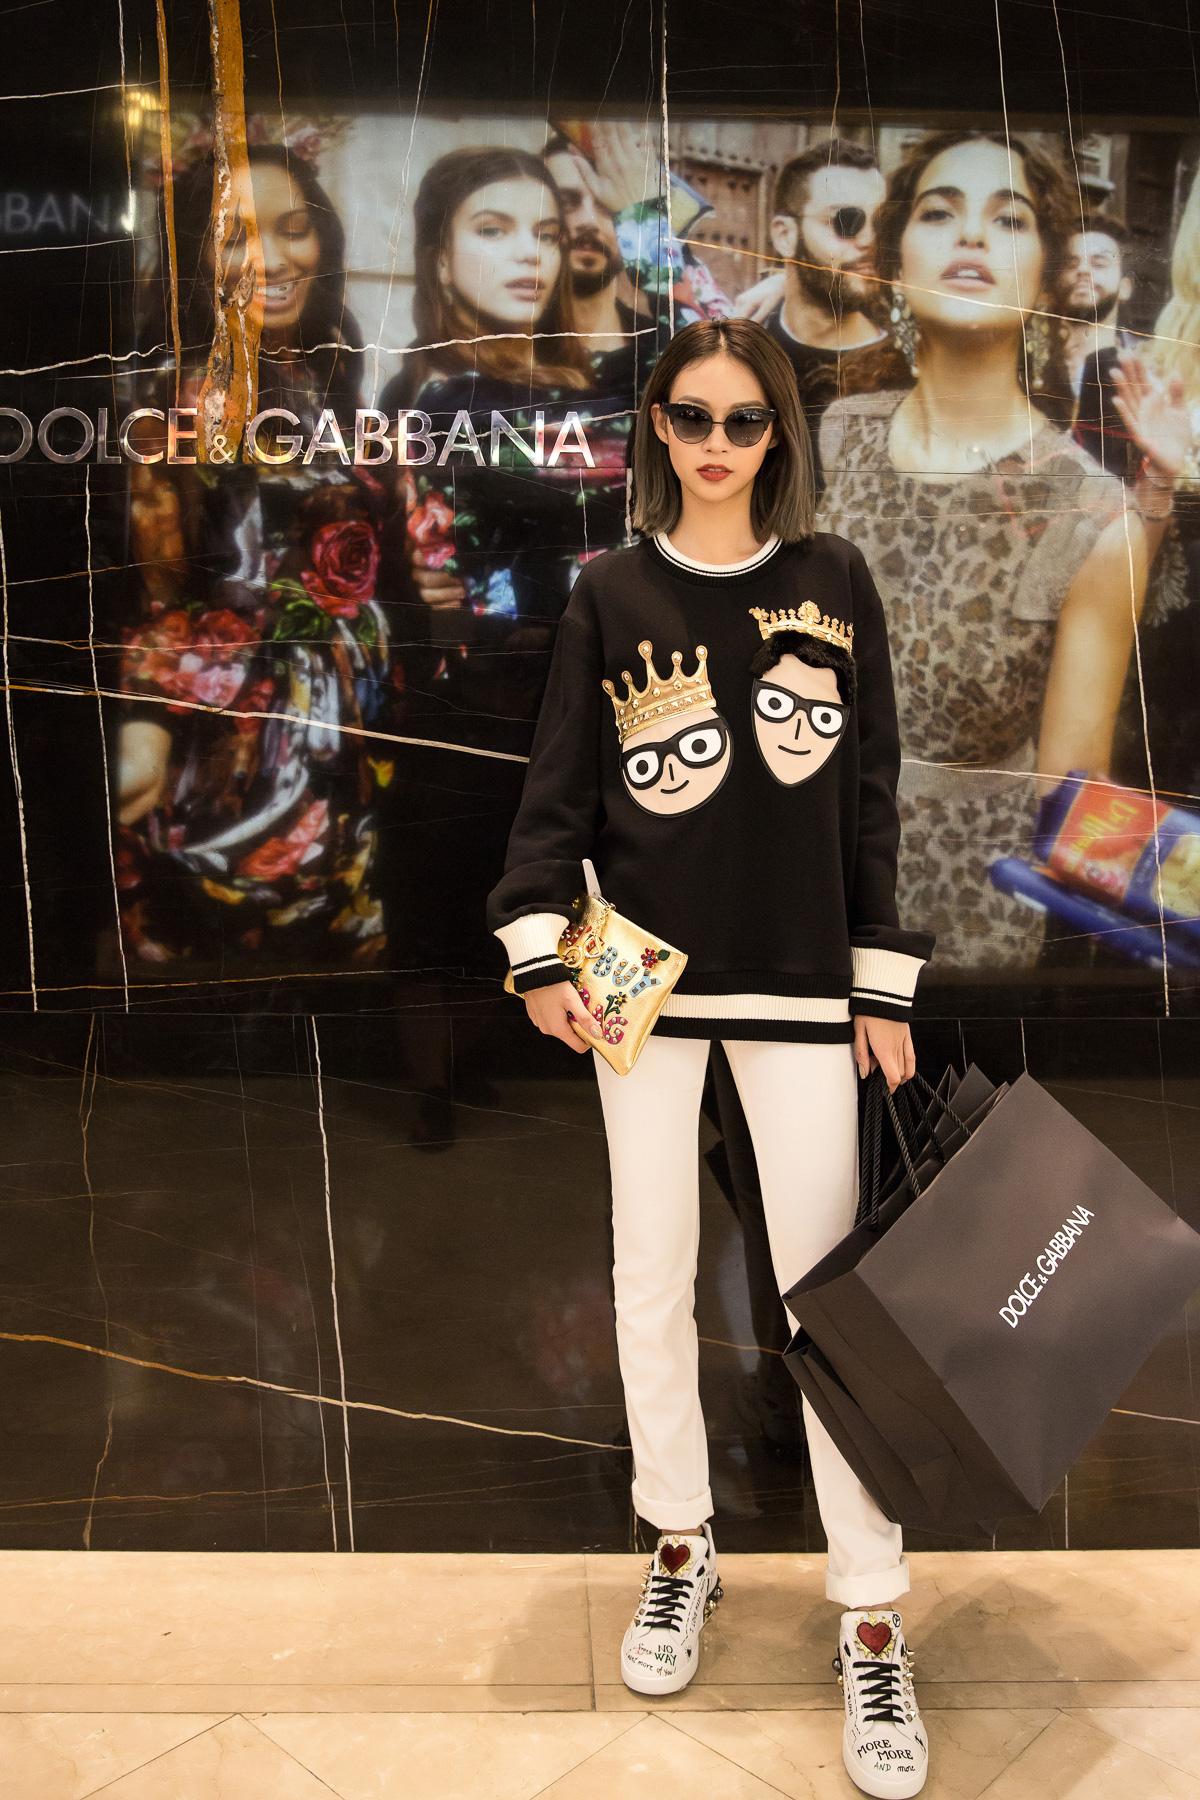 """Cô cũng đã sẵn sàng để """"tỏa sáng"""" trong buổi tiệc khai trương của Dolce & Gabbana tối ngày 17/11"""